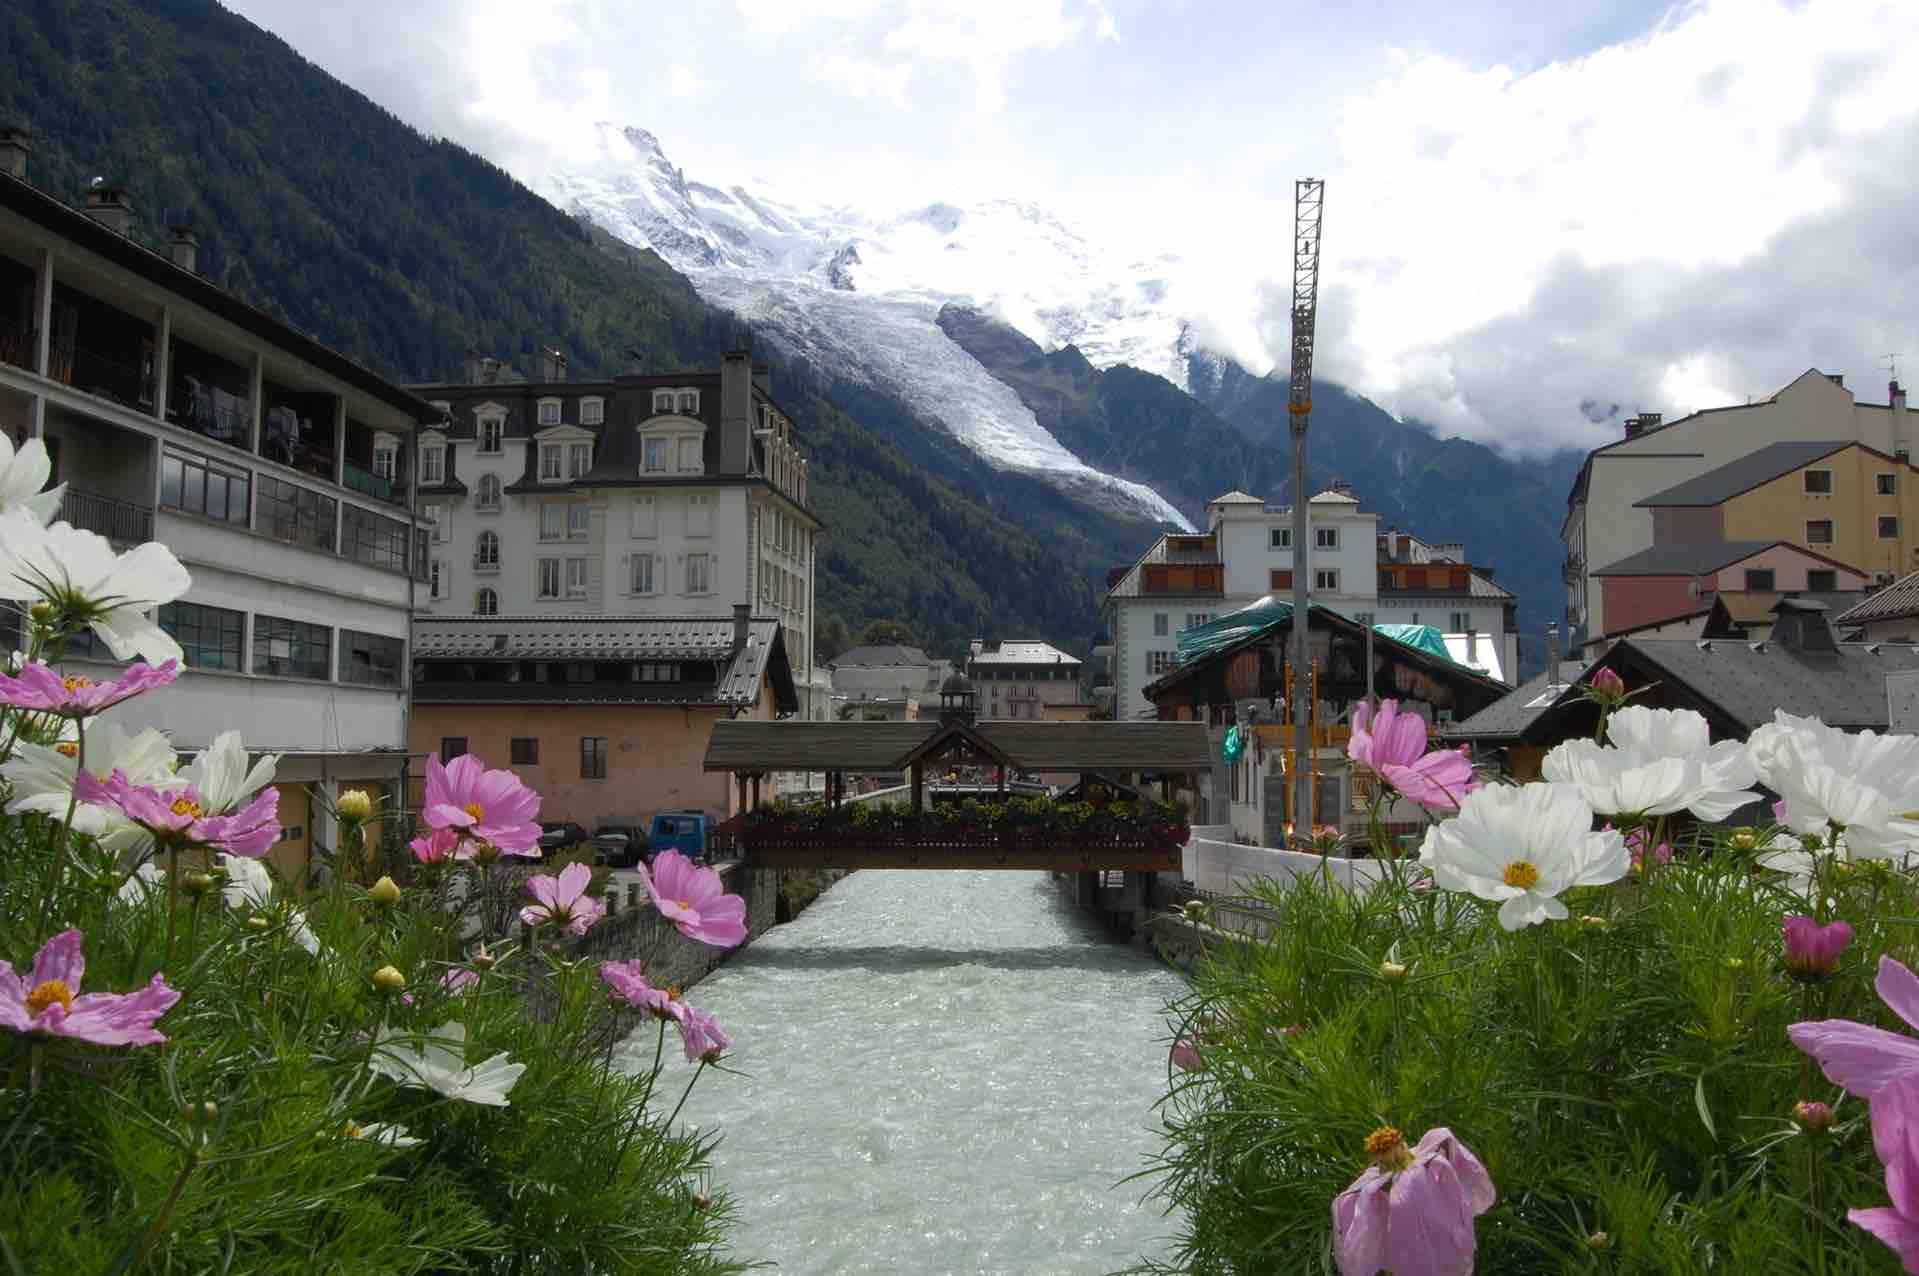 Chamonix con vistas al Mont Blanc